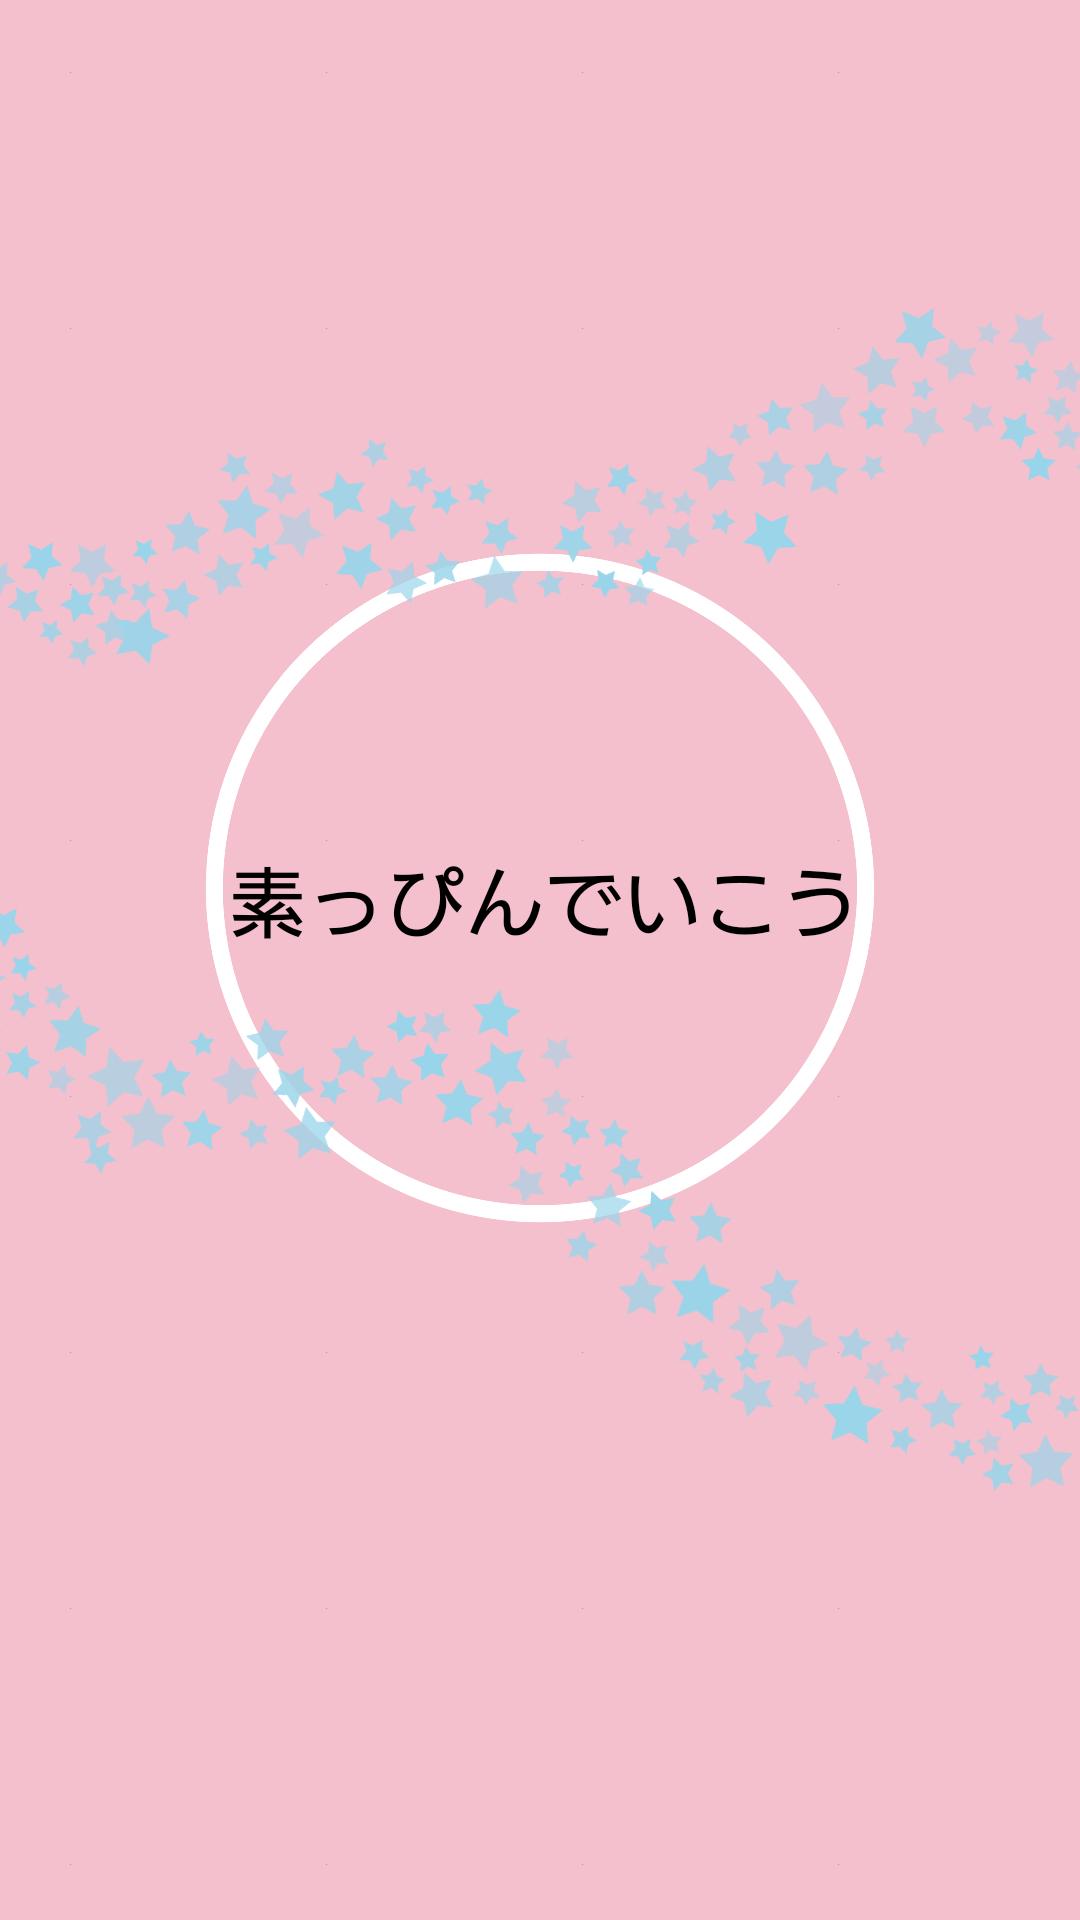 滋賀loveラジオ❣️素っぴんでいこう。